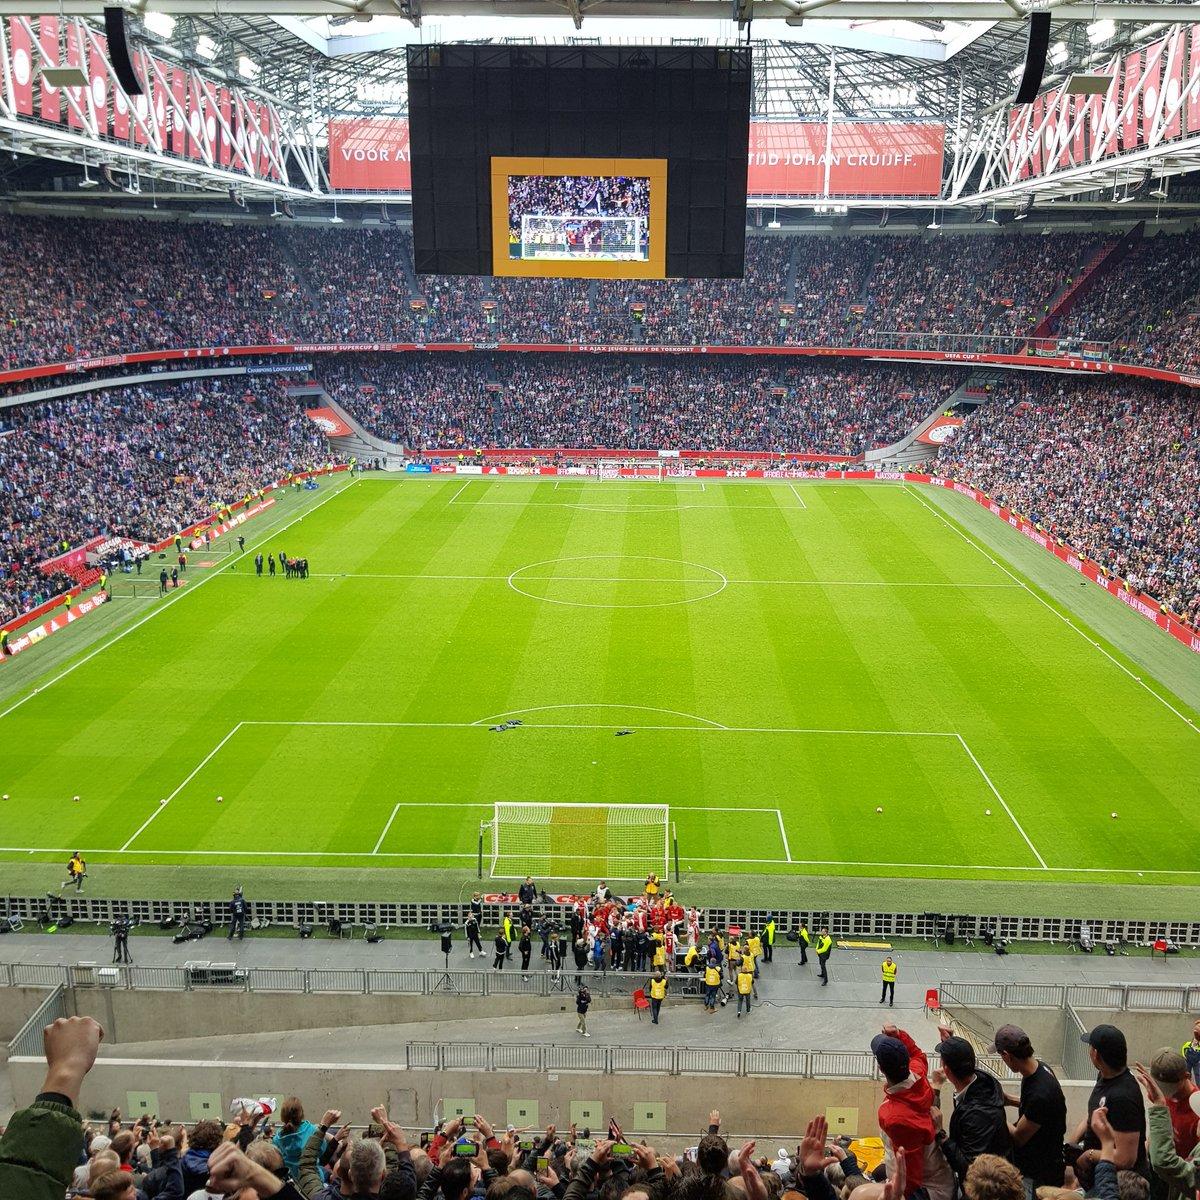 ✅15 zeges 🤝 2 gelijke spelen ❌ 0 nederlagen  Bedankt @AFCAjax voor een indrukwekkend Eredivisie seizoen in de Johan Cruijff ArenA! 🙌🏼  #ajautr